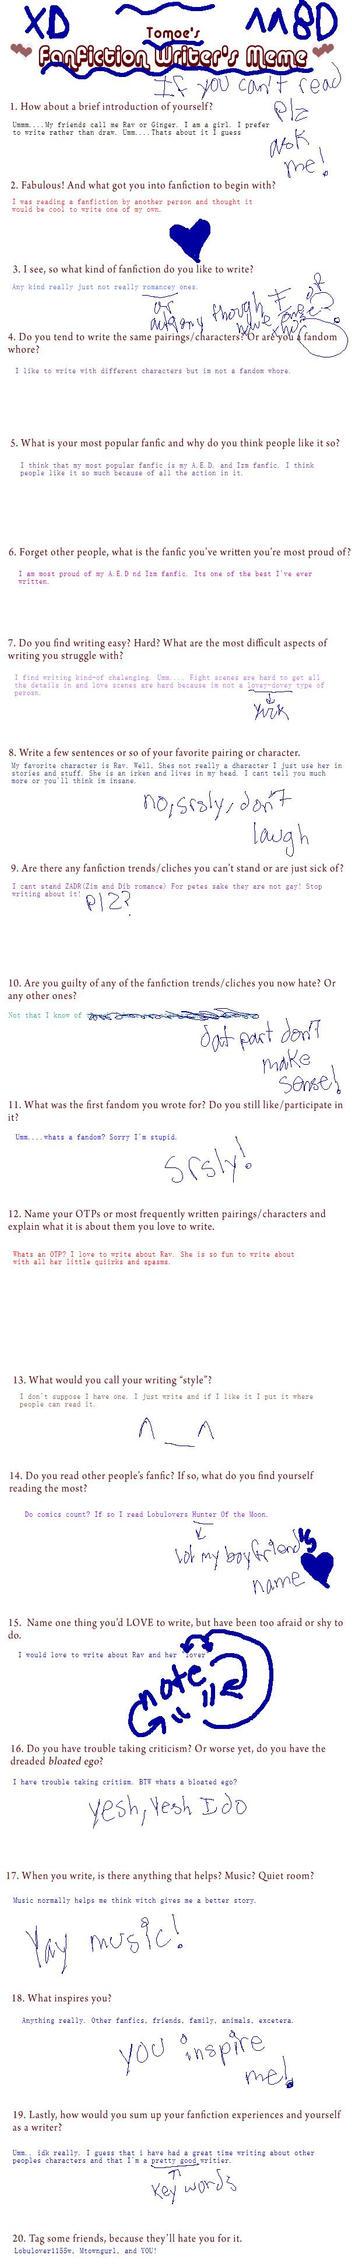 Writers Meme by girrules3454